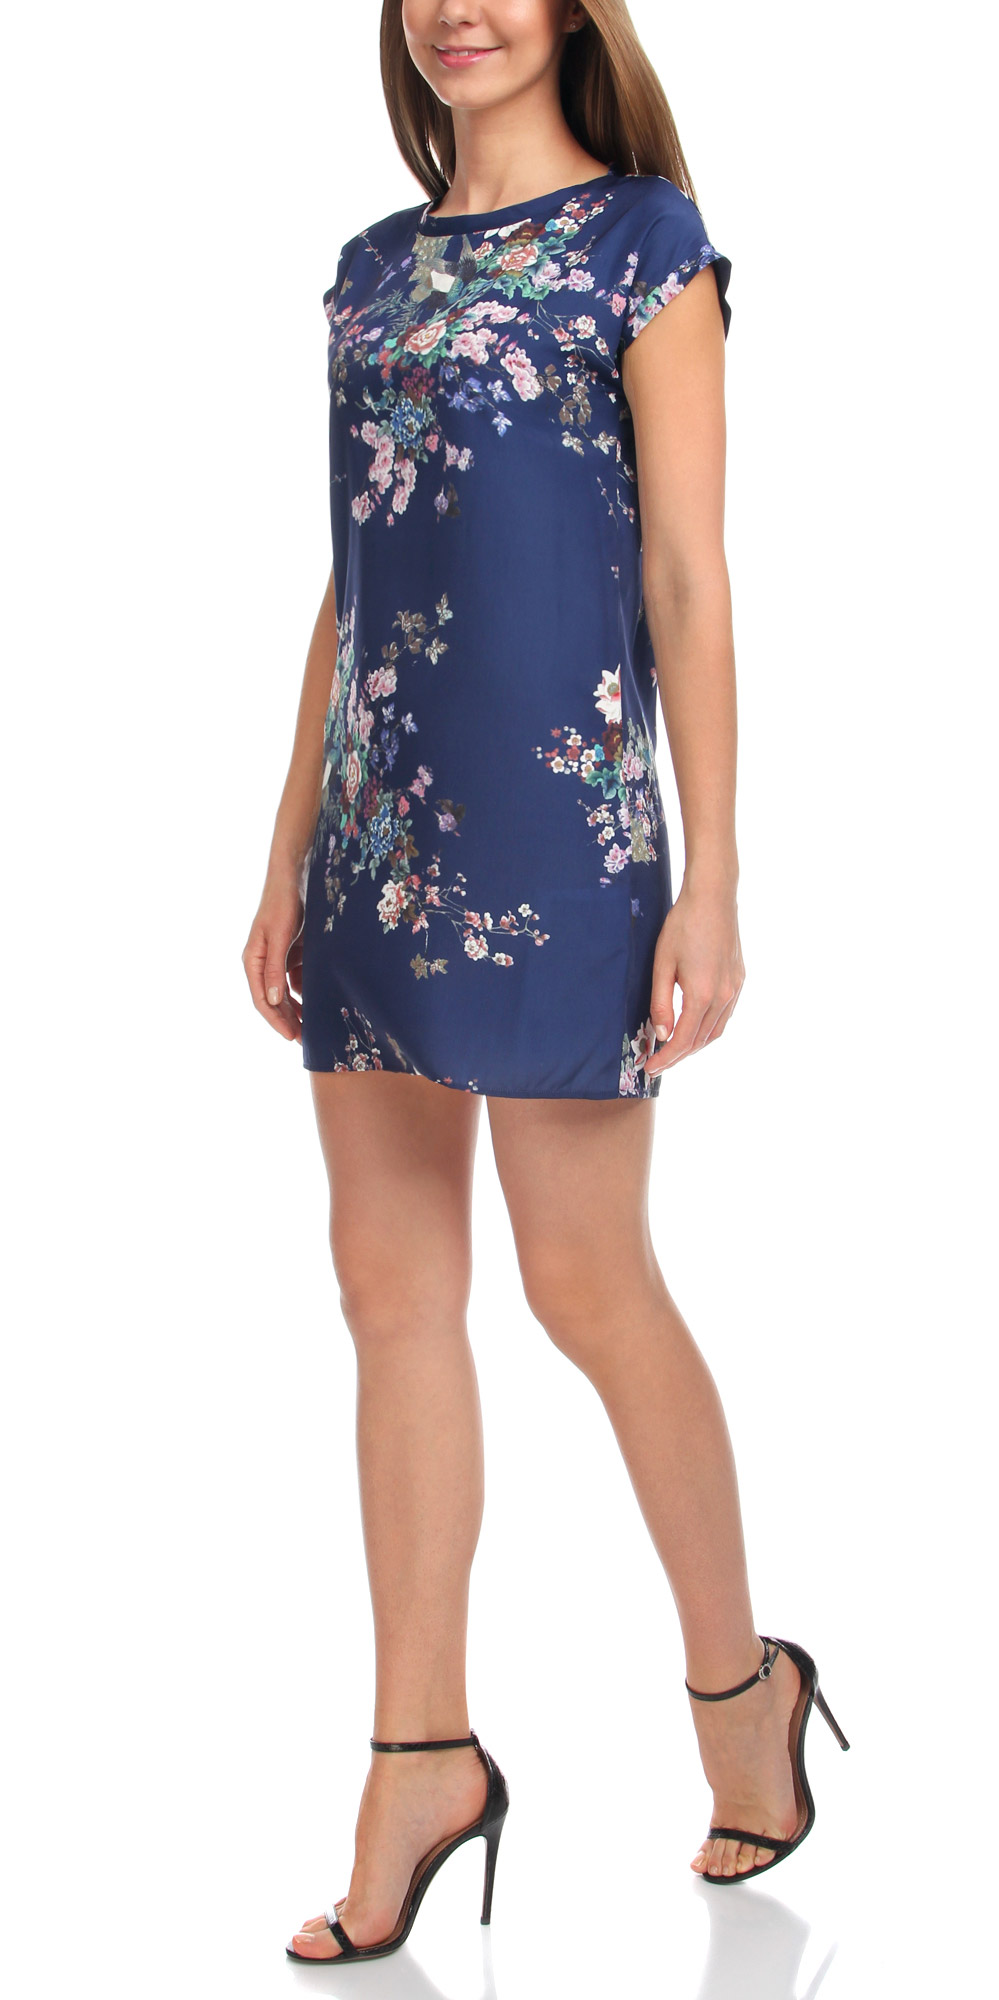 Платье oodji Collection, цвет: темно-синий, мультиколор. 21911019/35173/7919F. Размер 44-170 (50-170)21911019/35173/7919FМодное платье oodji Collection станет отличным дополнением к вашему гардеробу. Модель выполнена из качественного полиэстера. Платье-мини с круглым вырезом горловины и короткими цельнокроеными рукавами не имеет застежки. Оформлена модель принтом в восточном стиле.